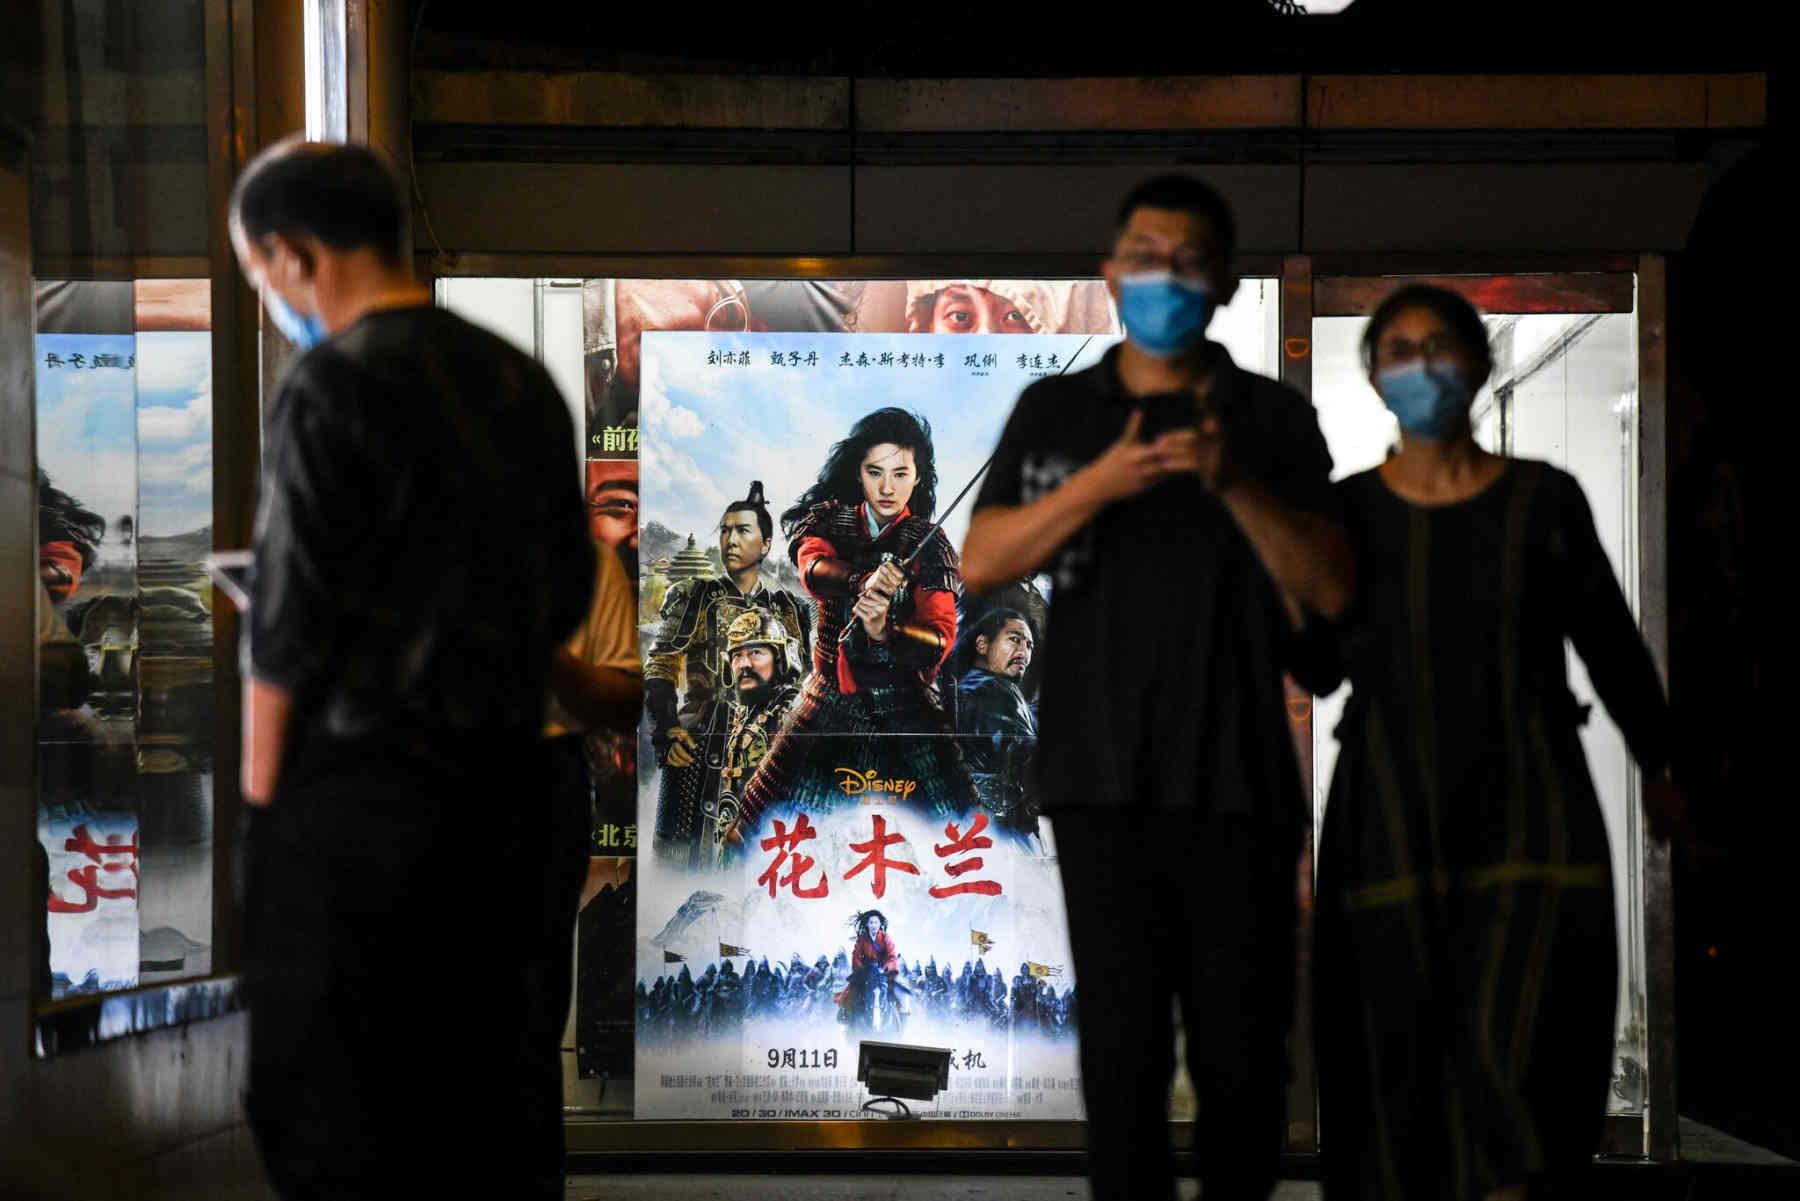 Nỗ lực 'nịnh bợ' Trung Quốc của Disney đã trở thành bom xịt